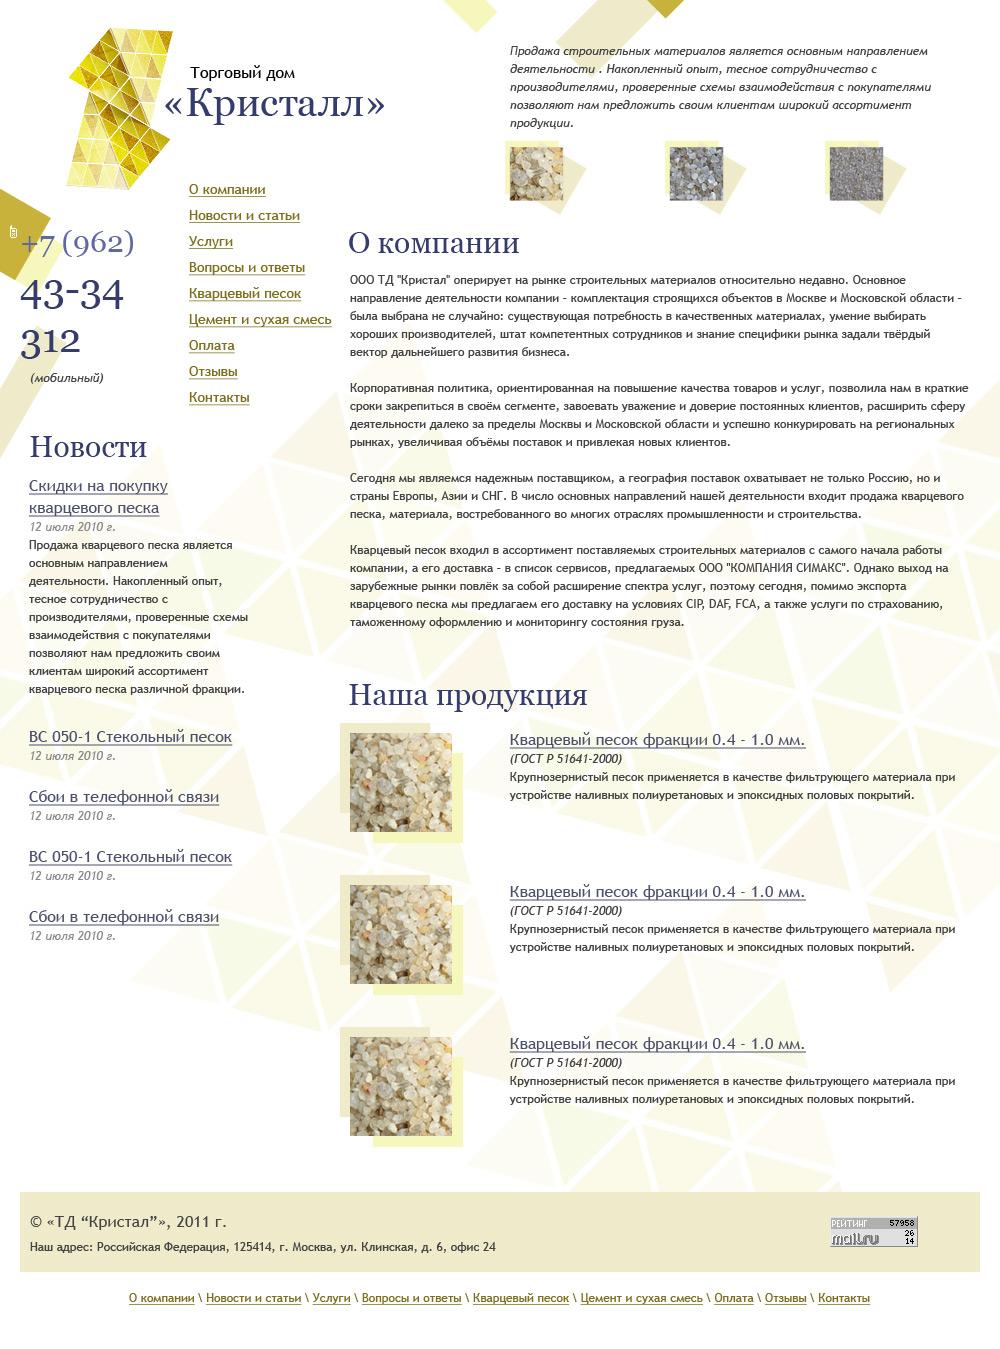 ООО «Кристал» — стройматериалы